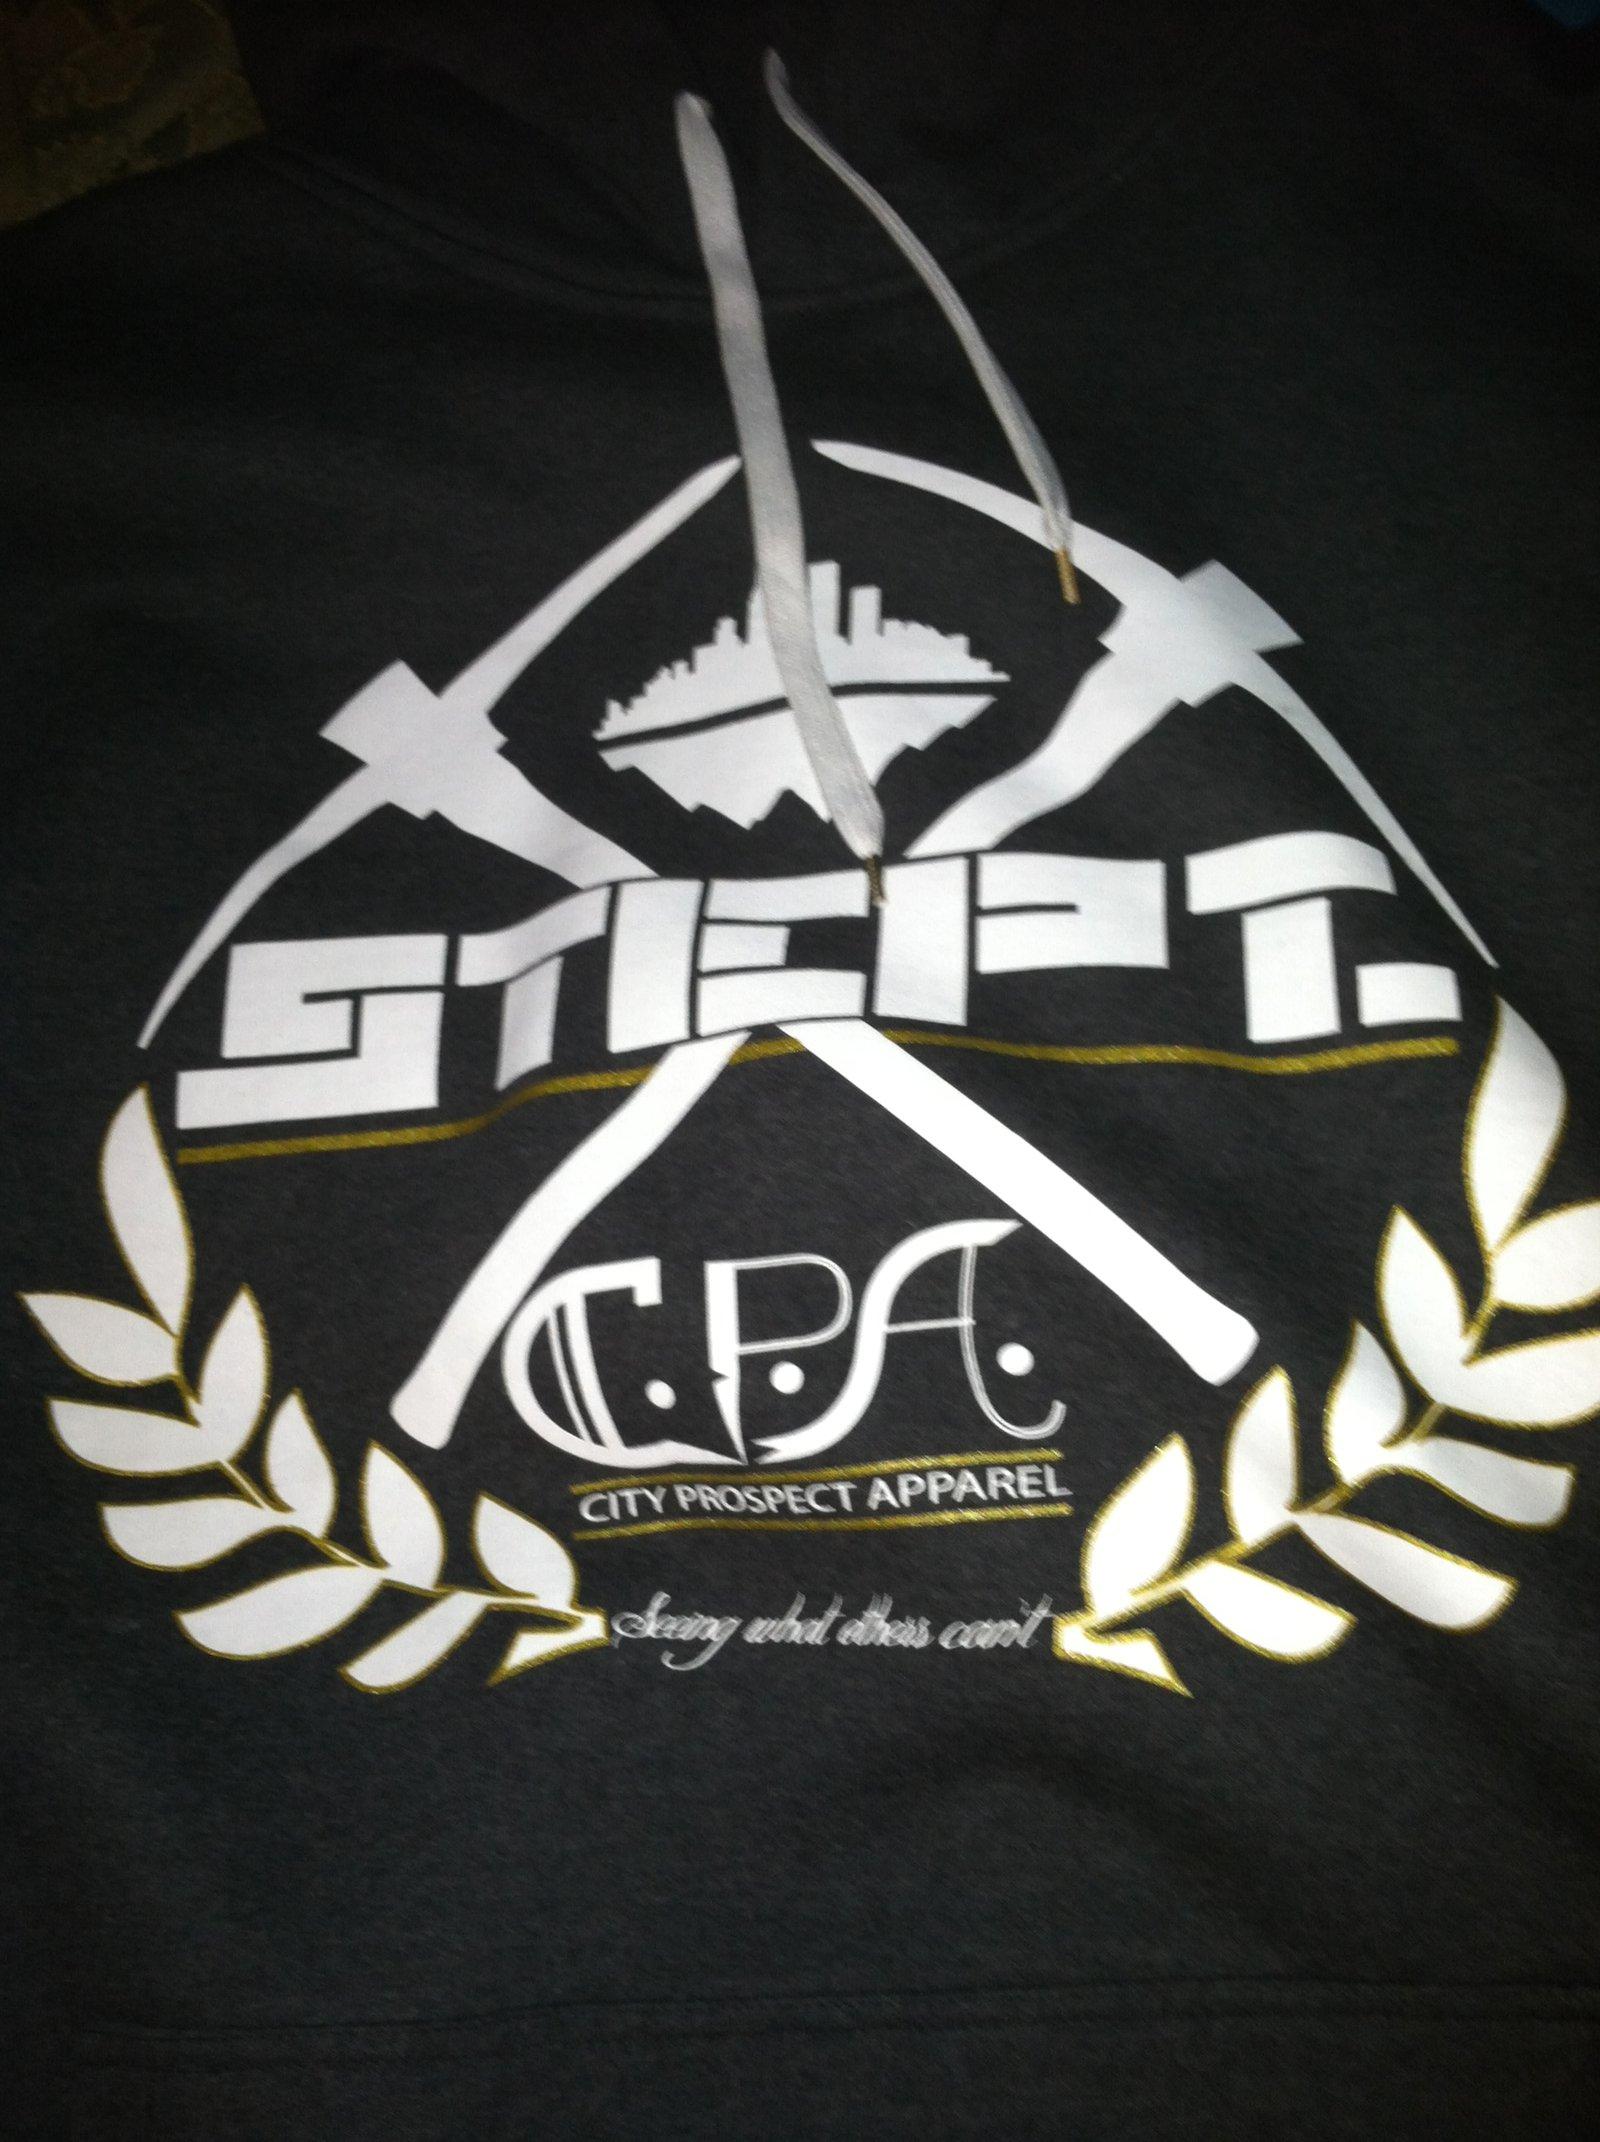 Stept City Prospect